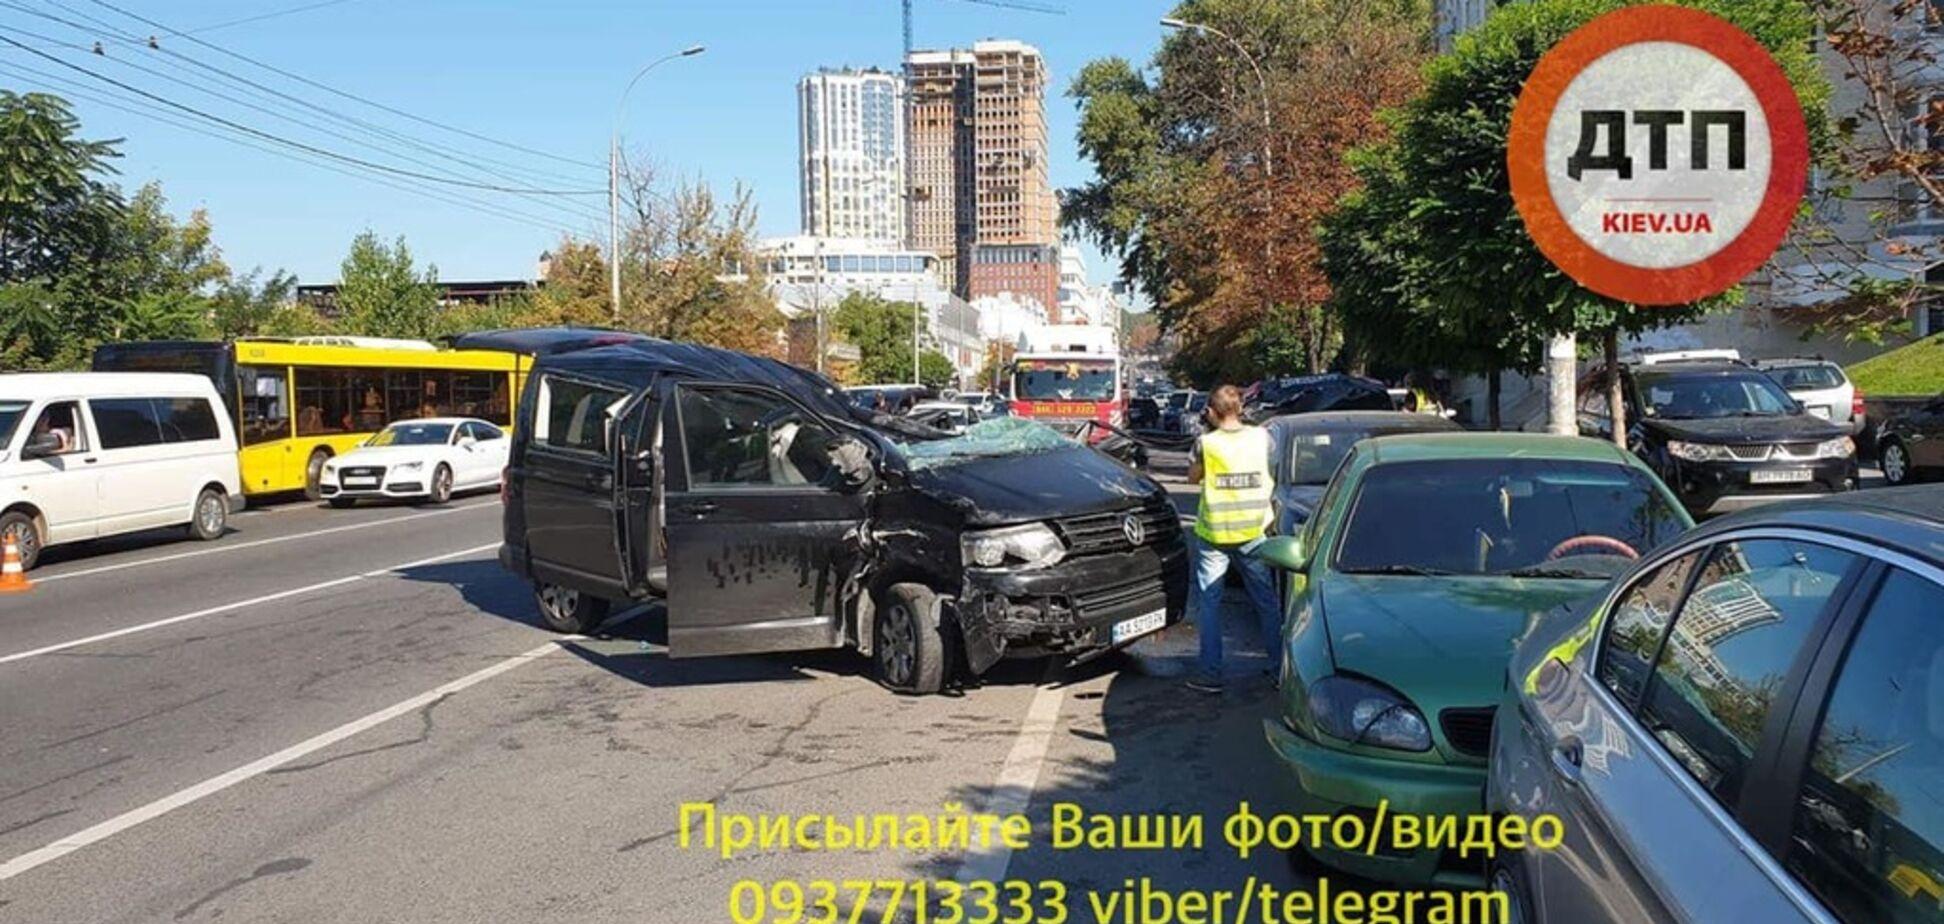 Водителя вырезали из авто: в Киеве произошло масштабное ДТП с пятью машинами